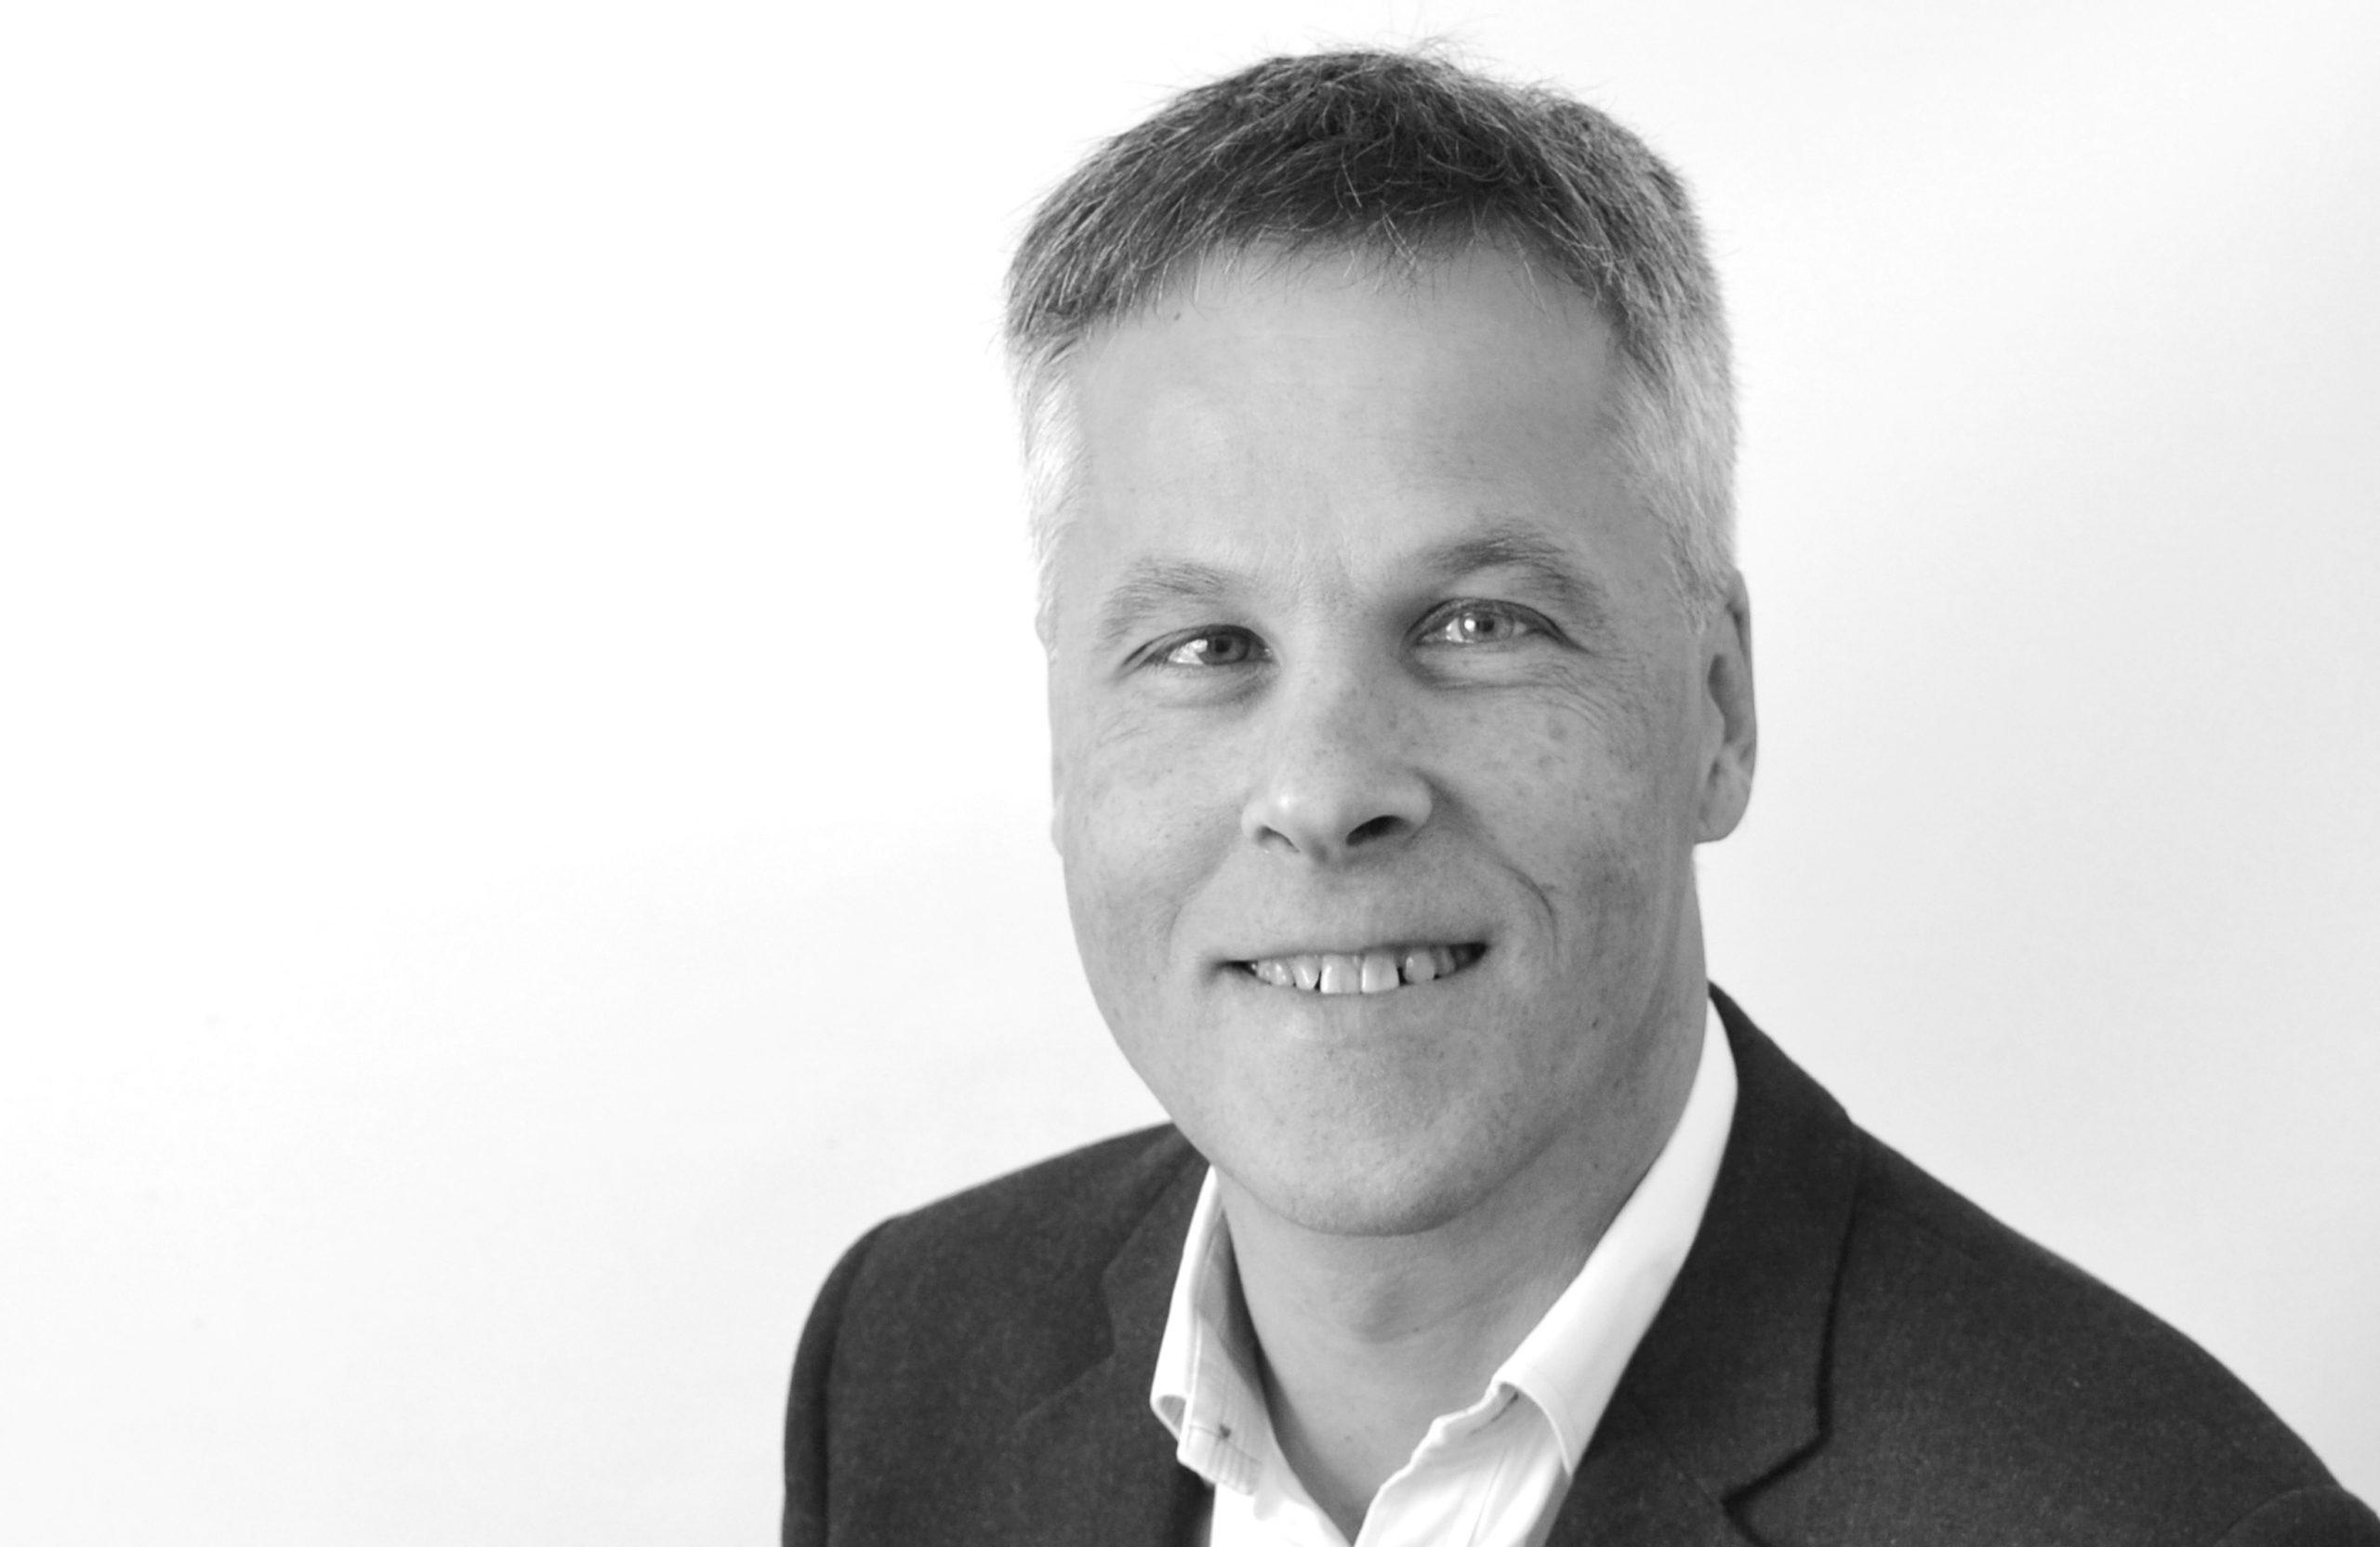 Johannes Walfridsson